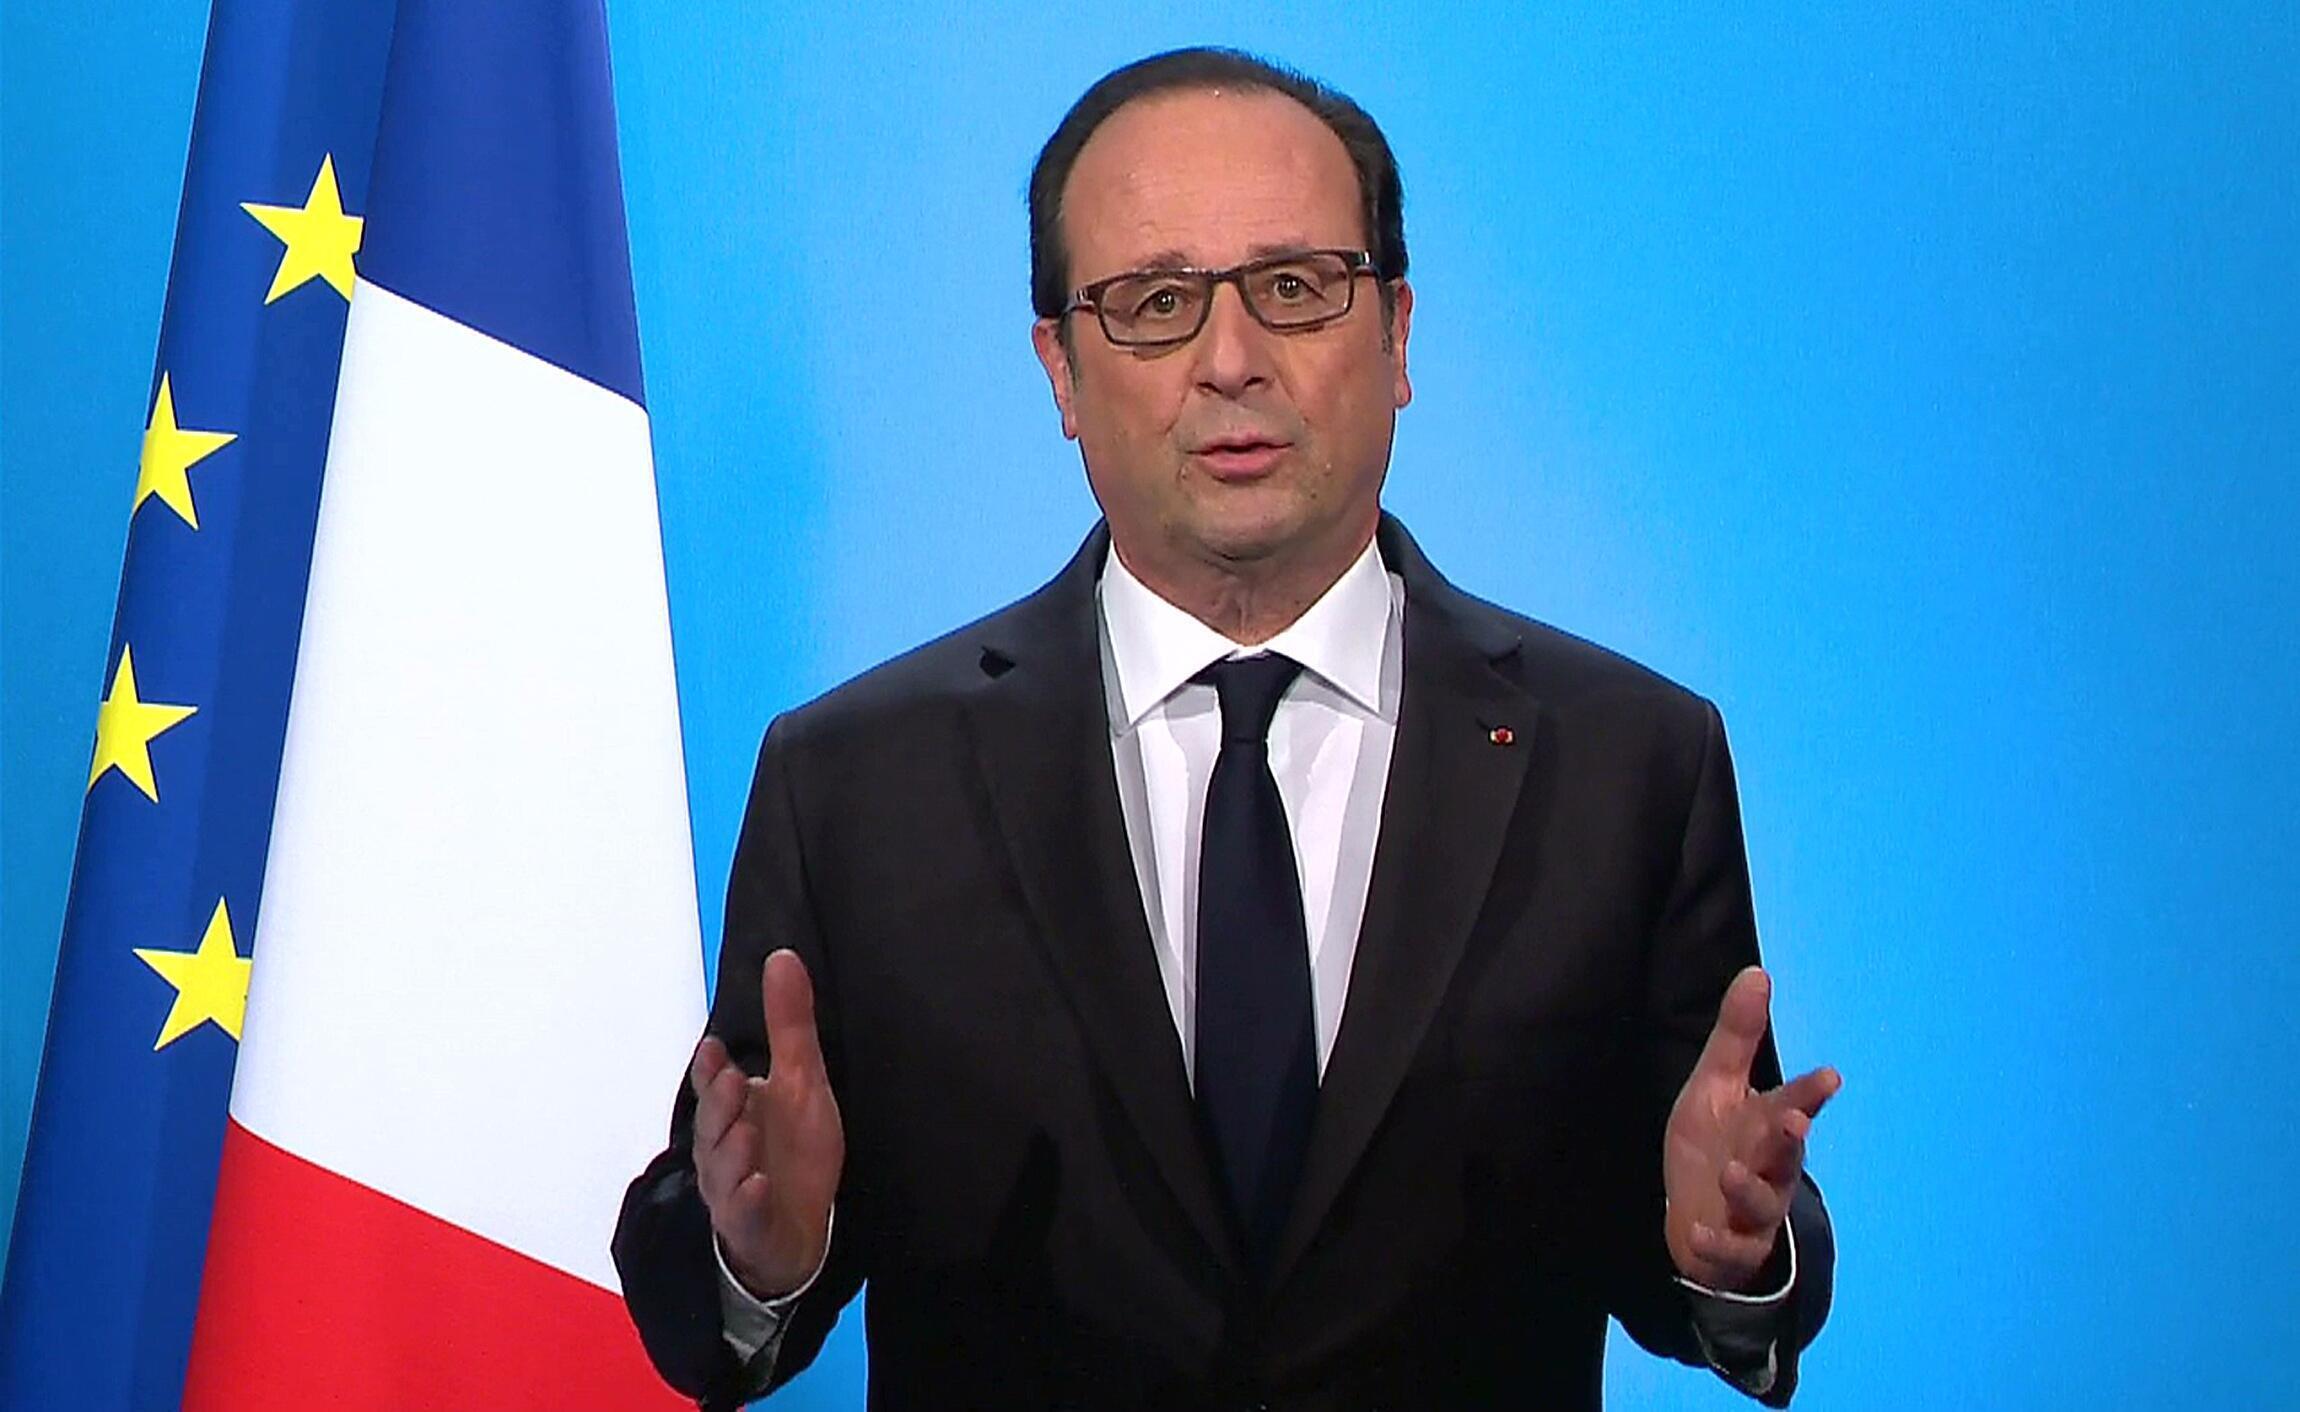 François Hollande durante anúncio de desistência da candidatura à presidência